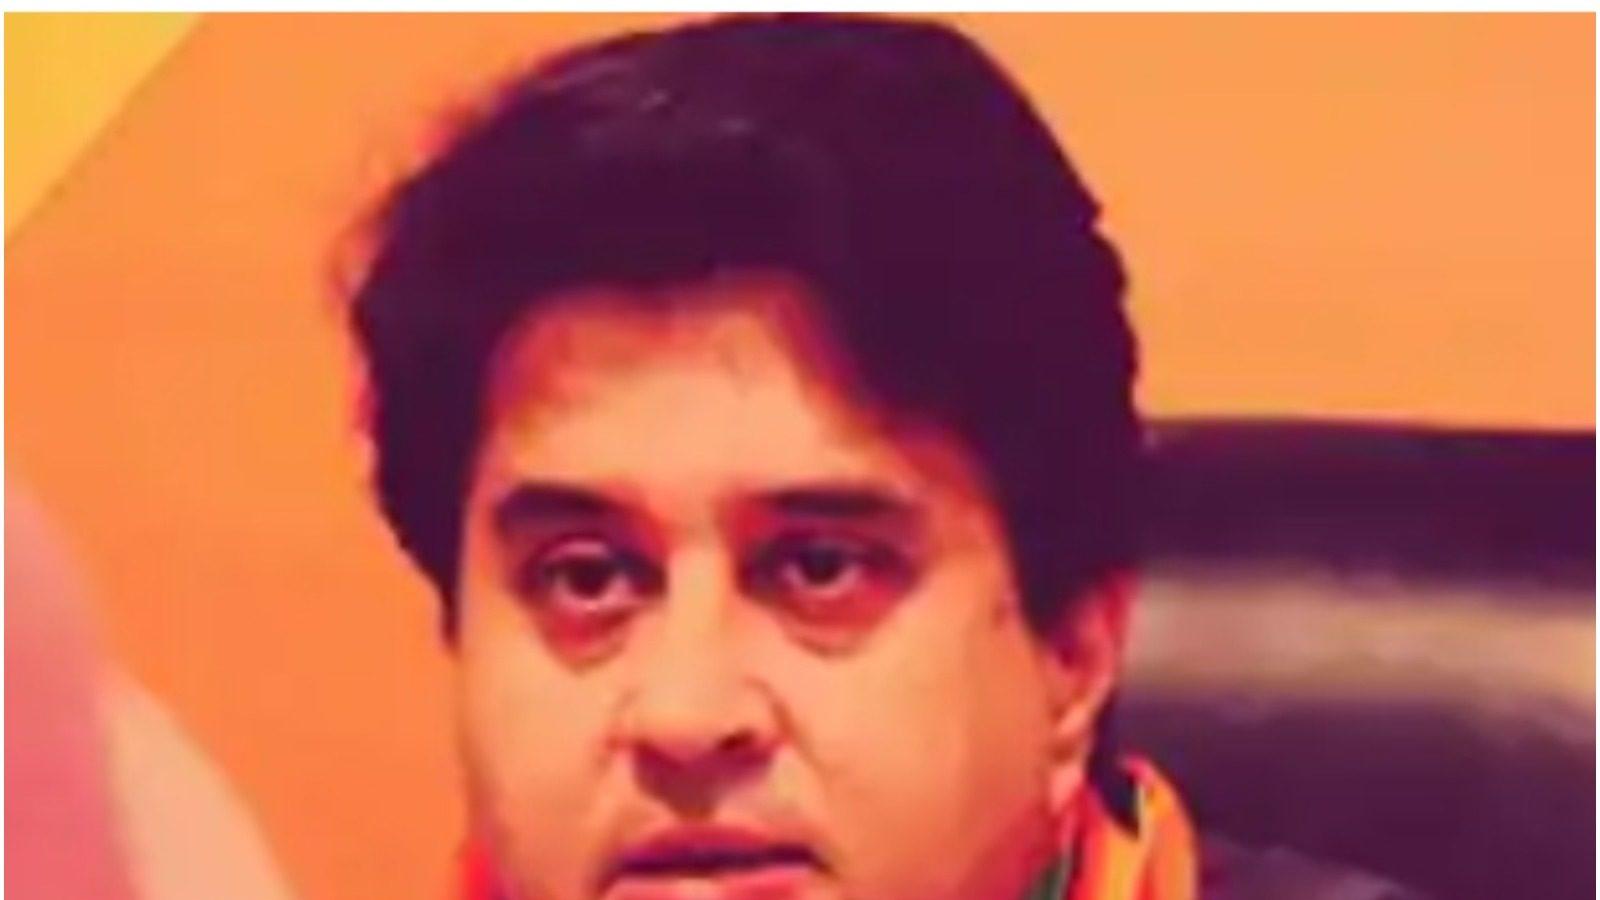 MP News Live Updates: केंद्रीय मंत्री ज्योतिरादित्य सिंधिया का ग्वालियर में रोड शो आज, कांग्रेस देगी धरना